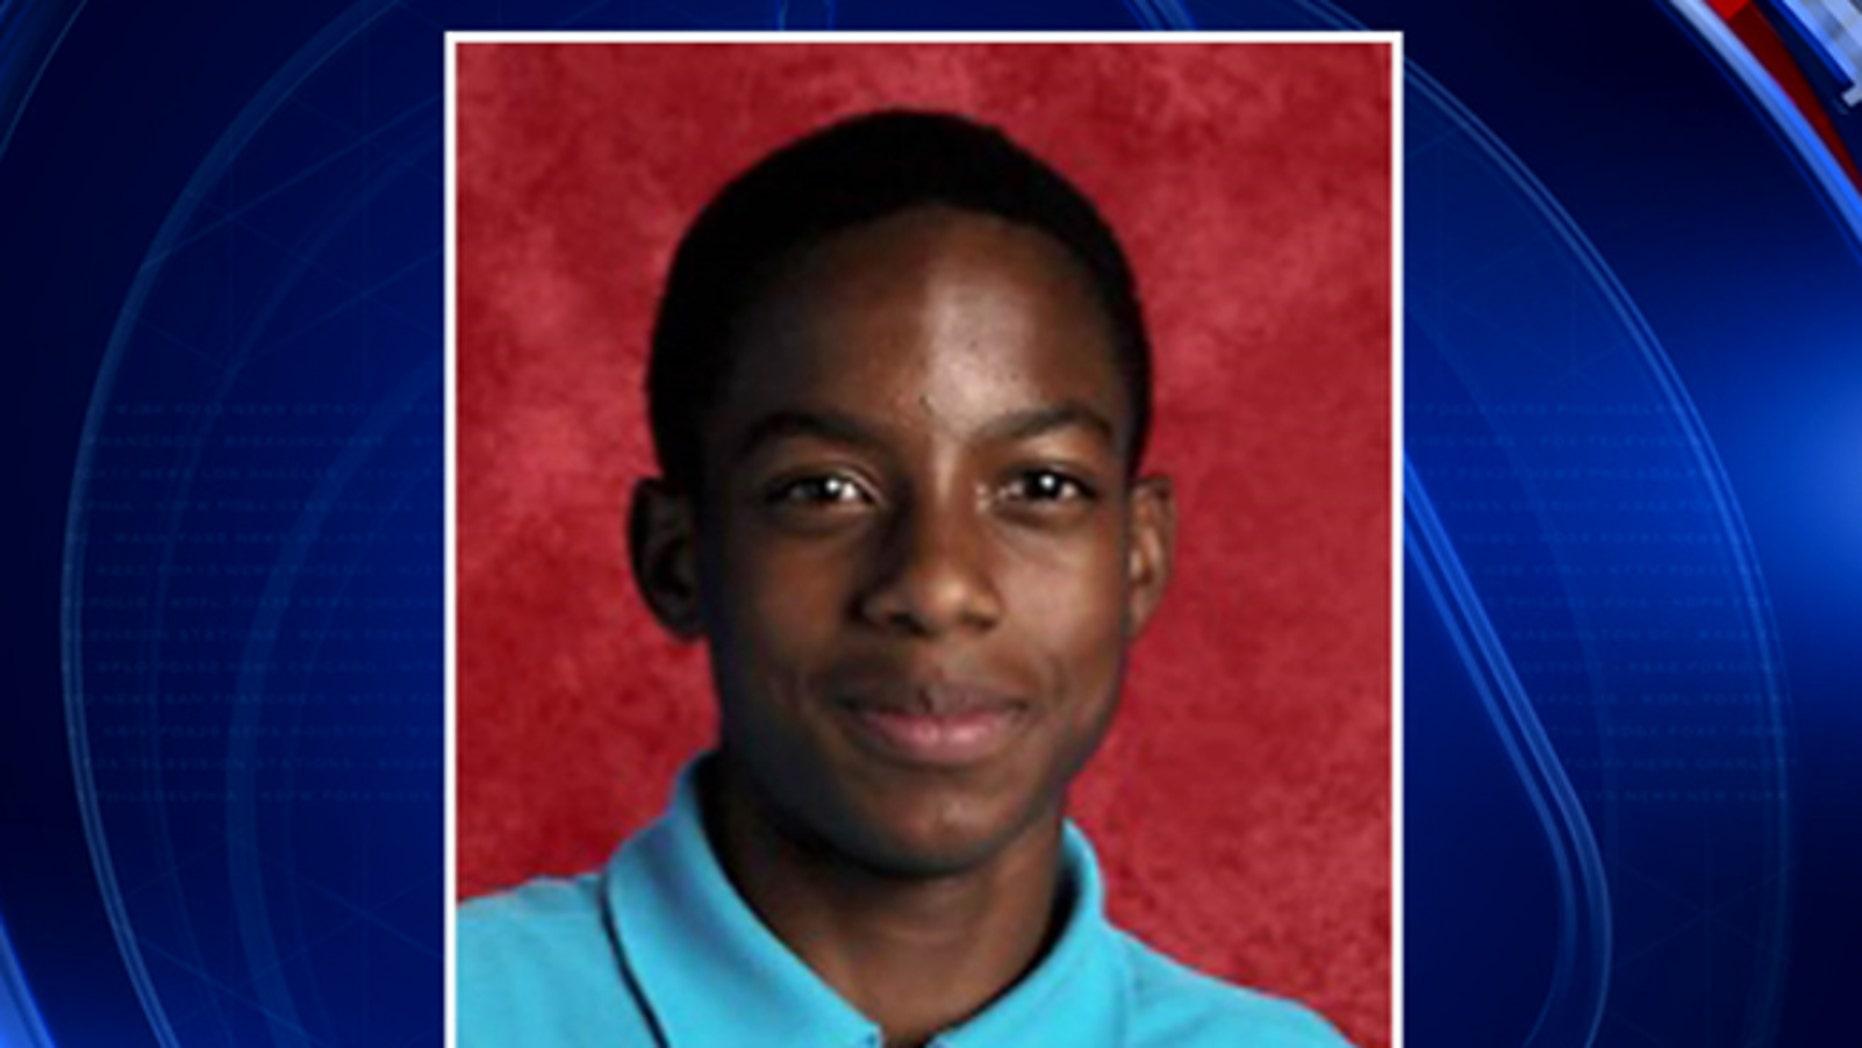 Jordan Edwards, 15, was shot and killed by former Officer Roy Oliver.